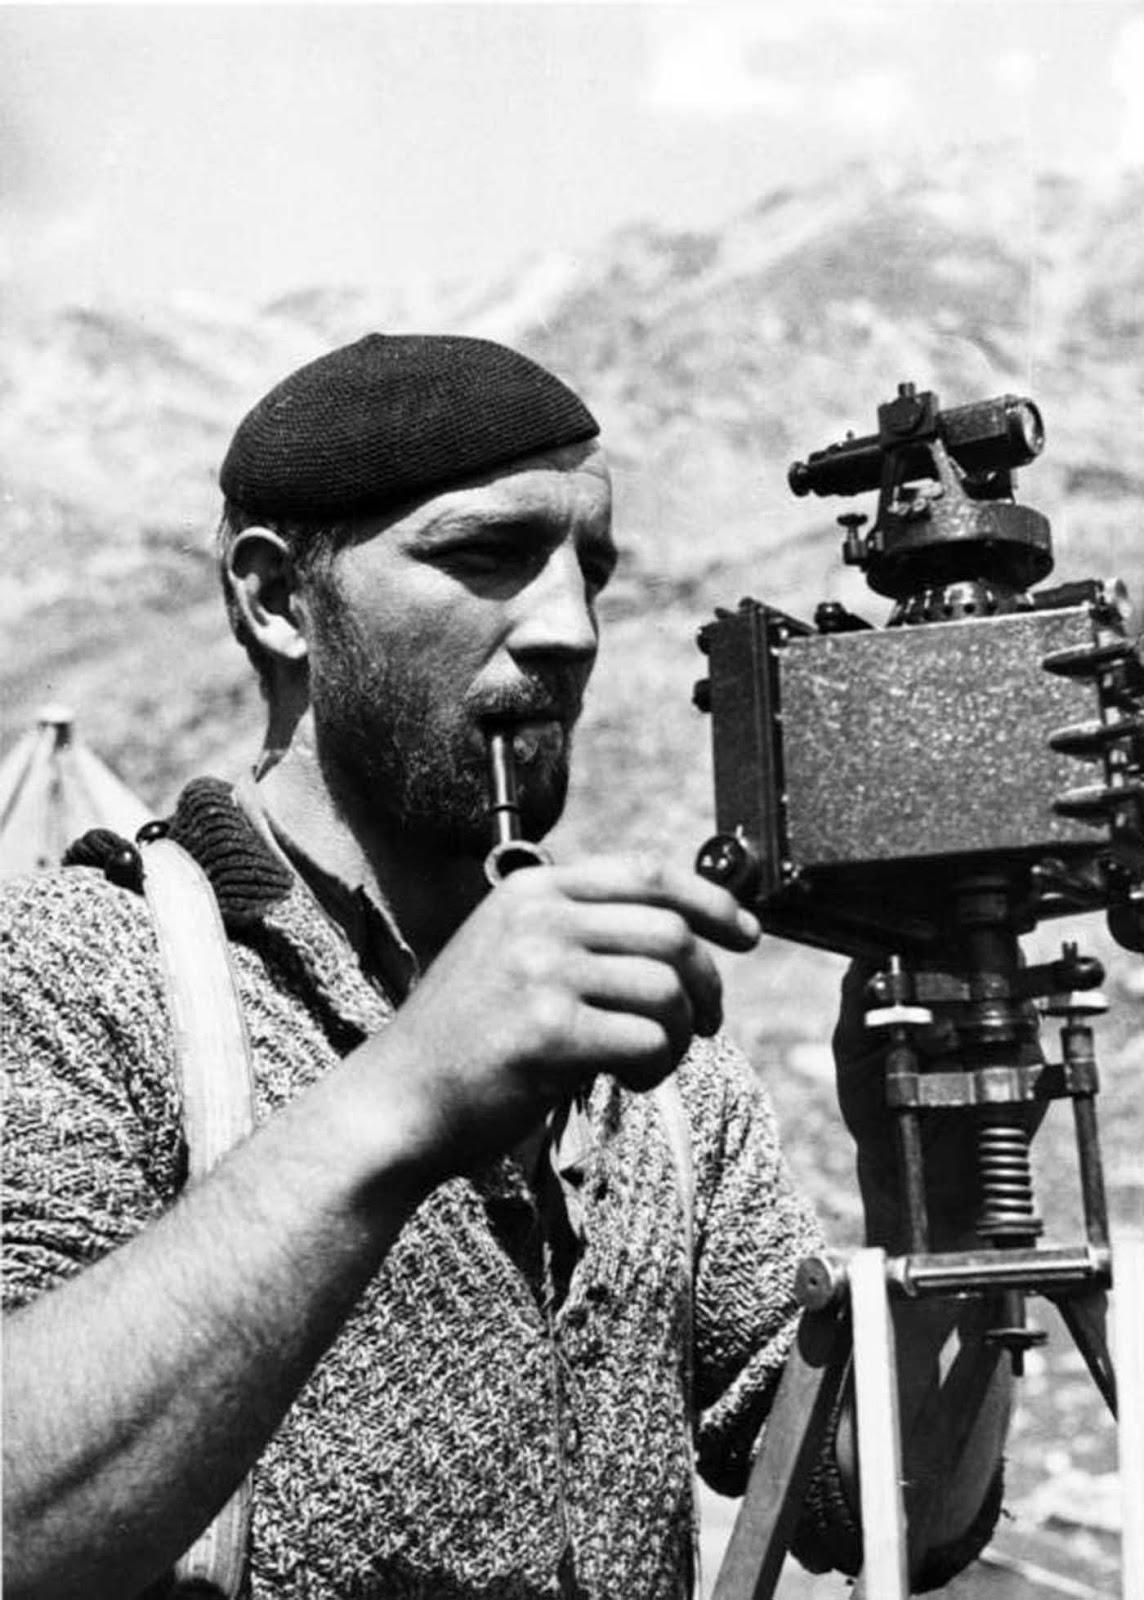 Karl Wienert tomando medidas fotogramétricas.